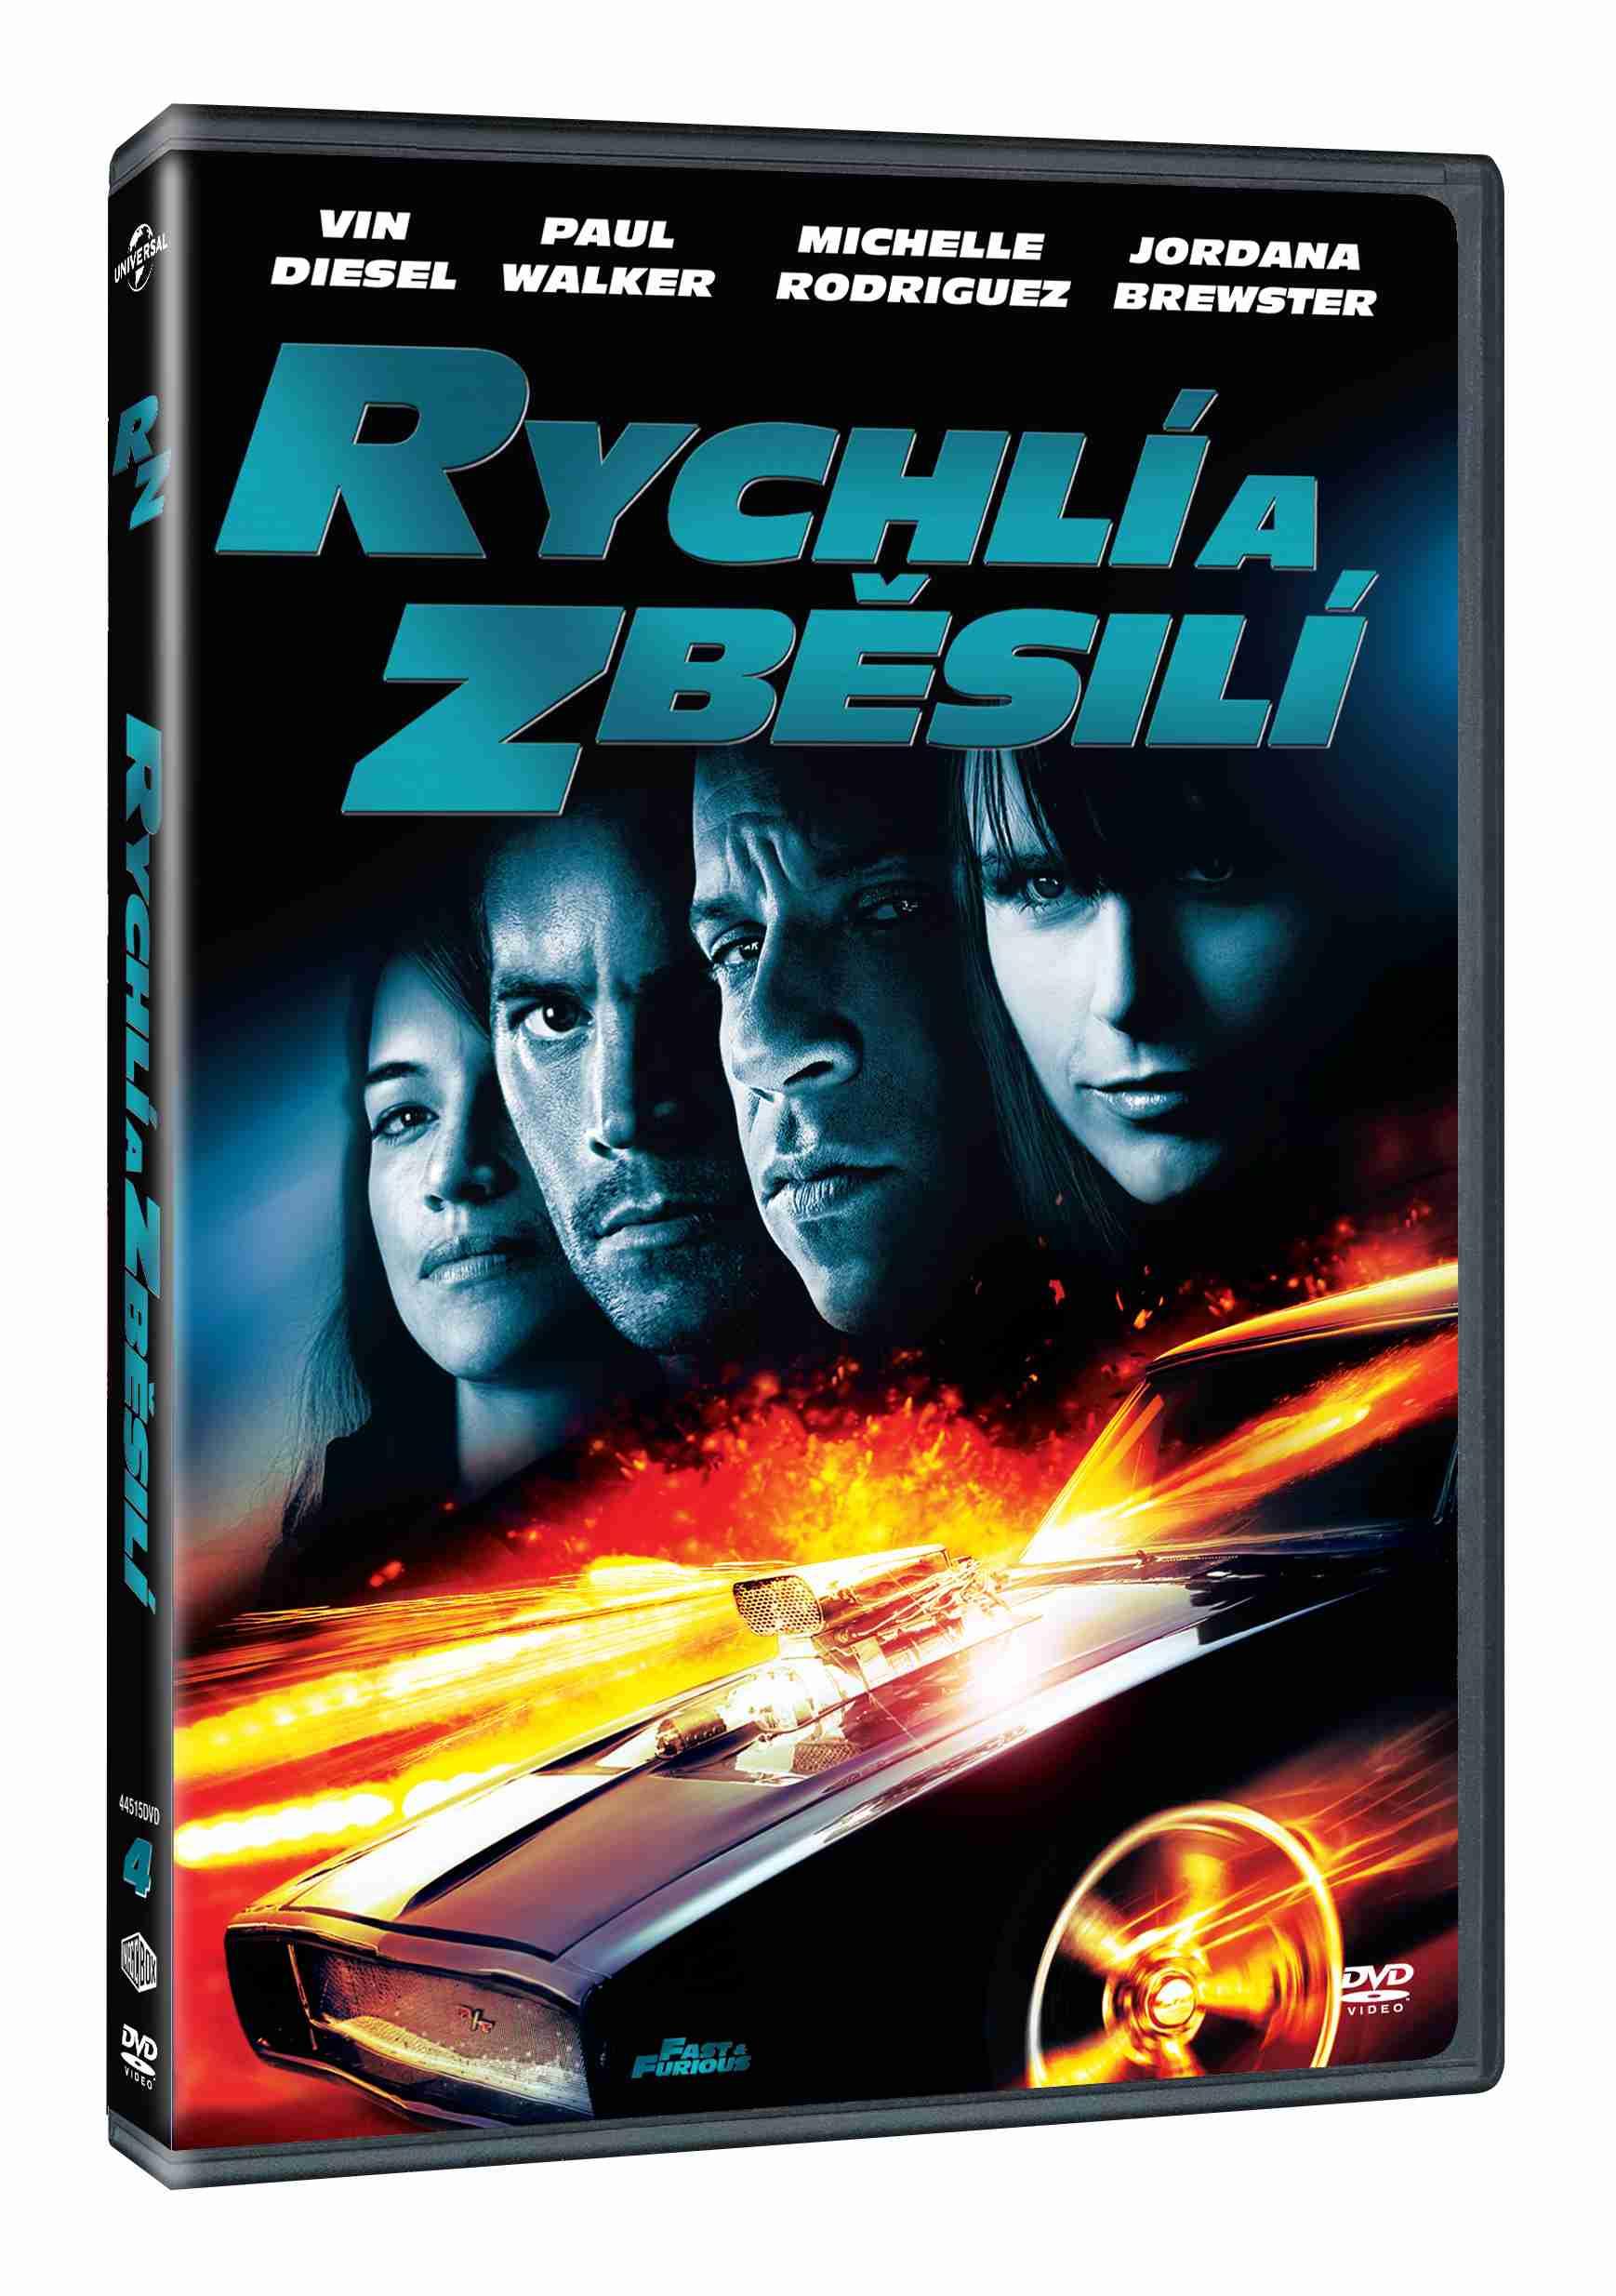 RYCHLÍ A ZBĚSILÍ 4 - DVD